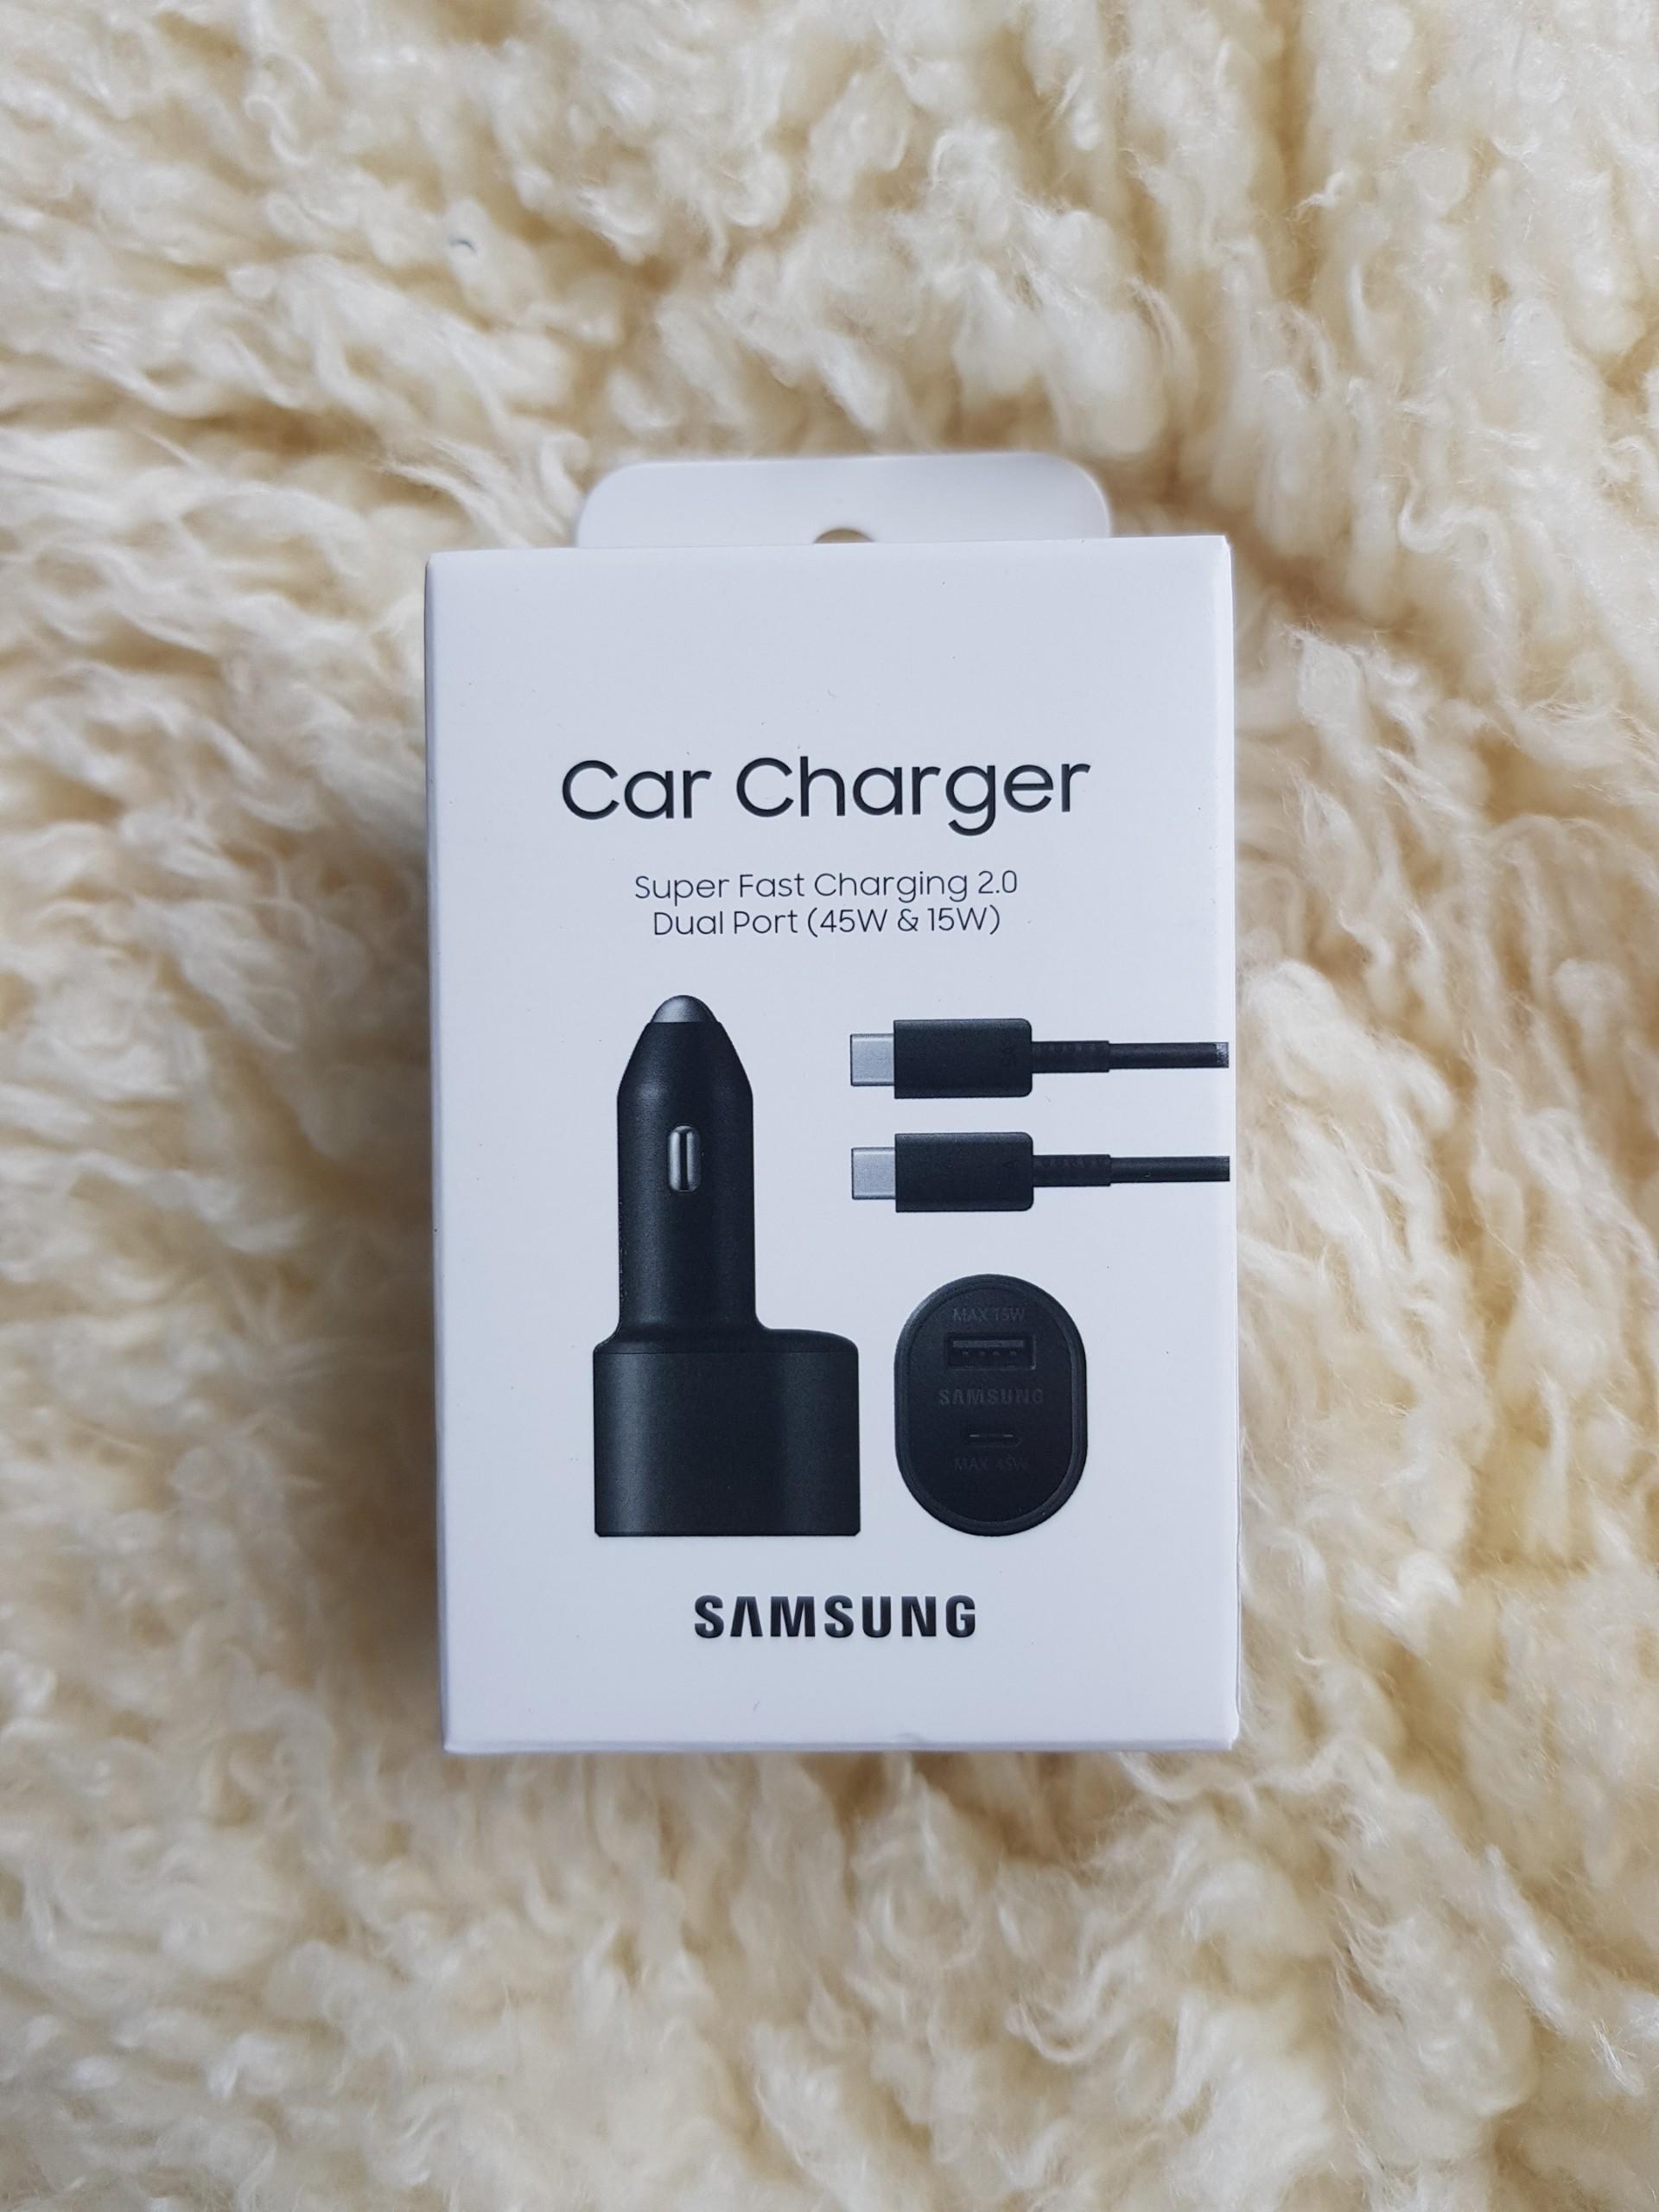 Sạc Đôi Xe Hơi - Ô tô Samsung ( L5300 ) - Car Charger Super Fast Charging 2.0 - Dual Port ( 45W Type C & 15W USB) Kèm Cáp 5A- Chính Hãng Samsung Việt Nam Phân Phối